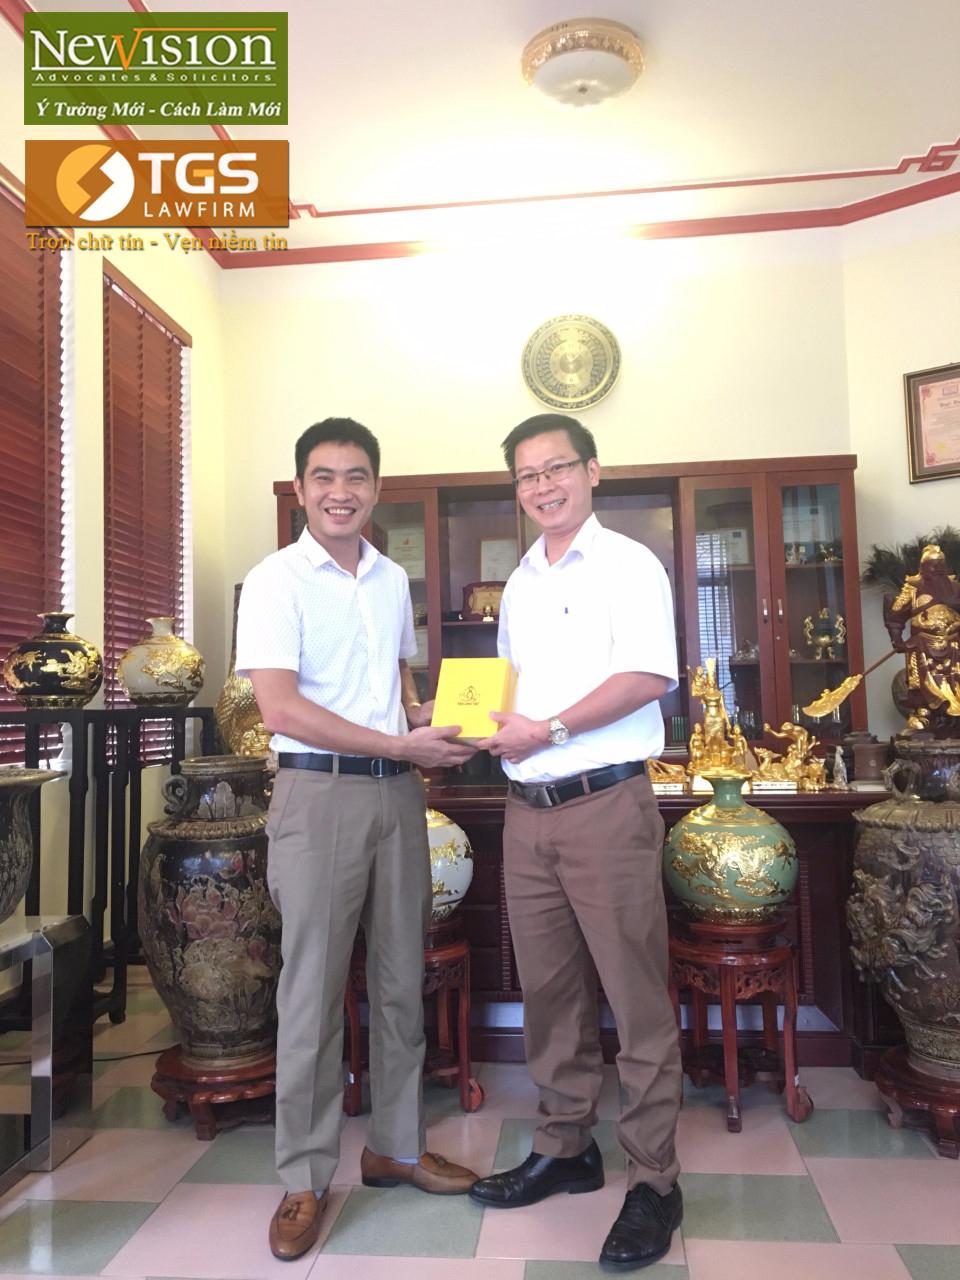 Ông Tạ Văn Thắng tặng quà lưu niệm cho Luật sư Nguyễn Văn Tuấn sau buổi gặp mặt, làm việc